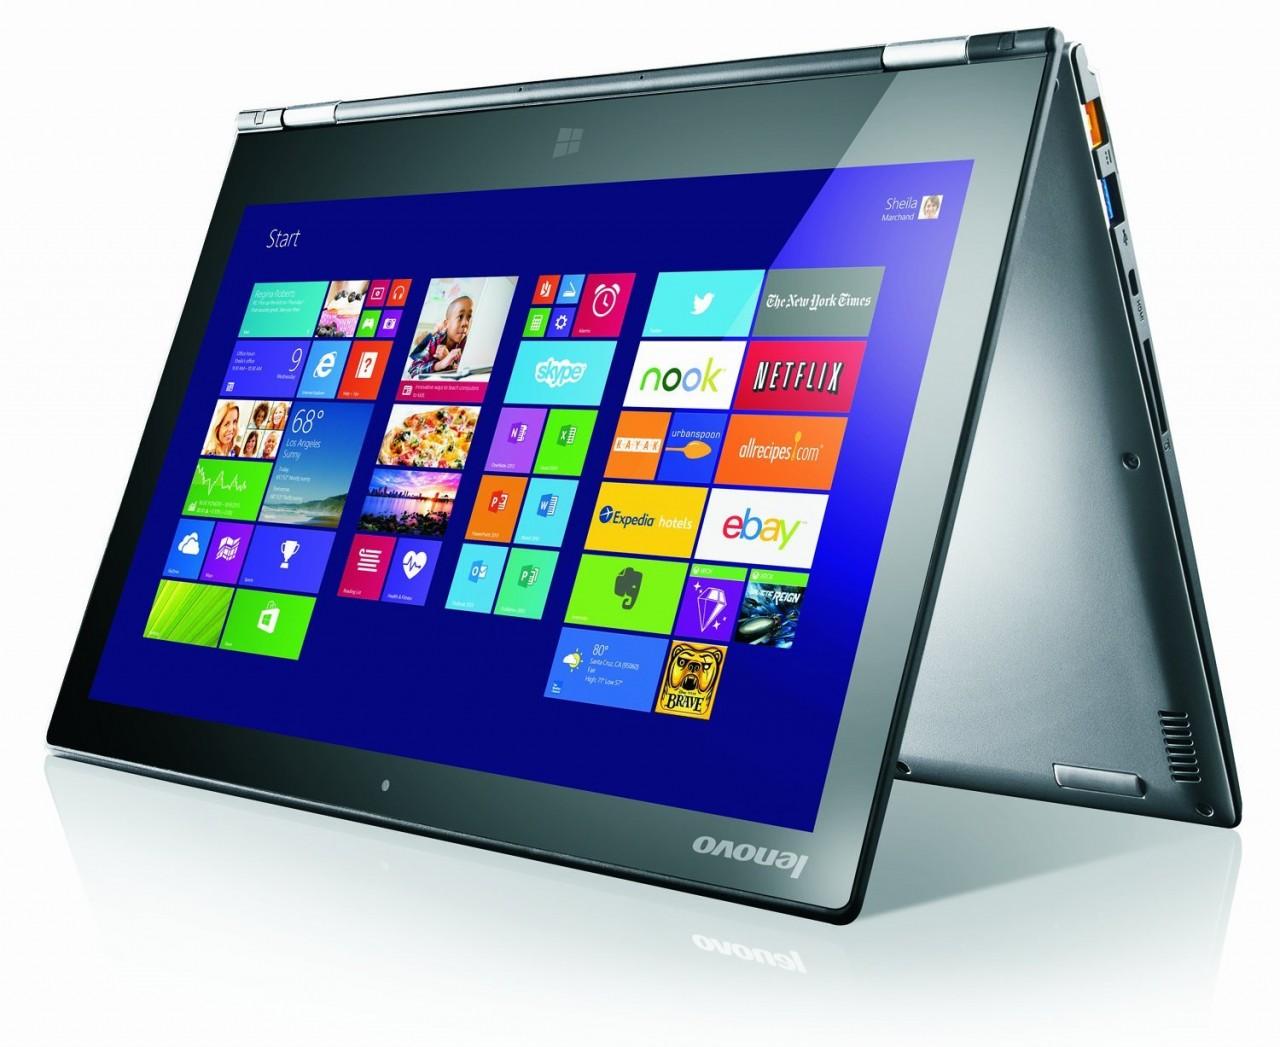 Lenovo Ideapad Yoga 2 Pro Silver Core I5 133 Qhd Touch 256gb Idea Tab B8000 16gb Win 81 Price In Pakistan